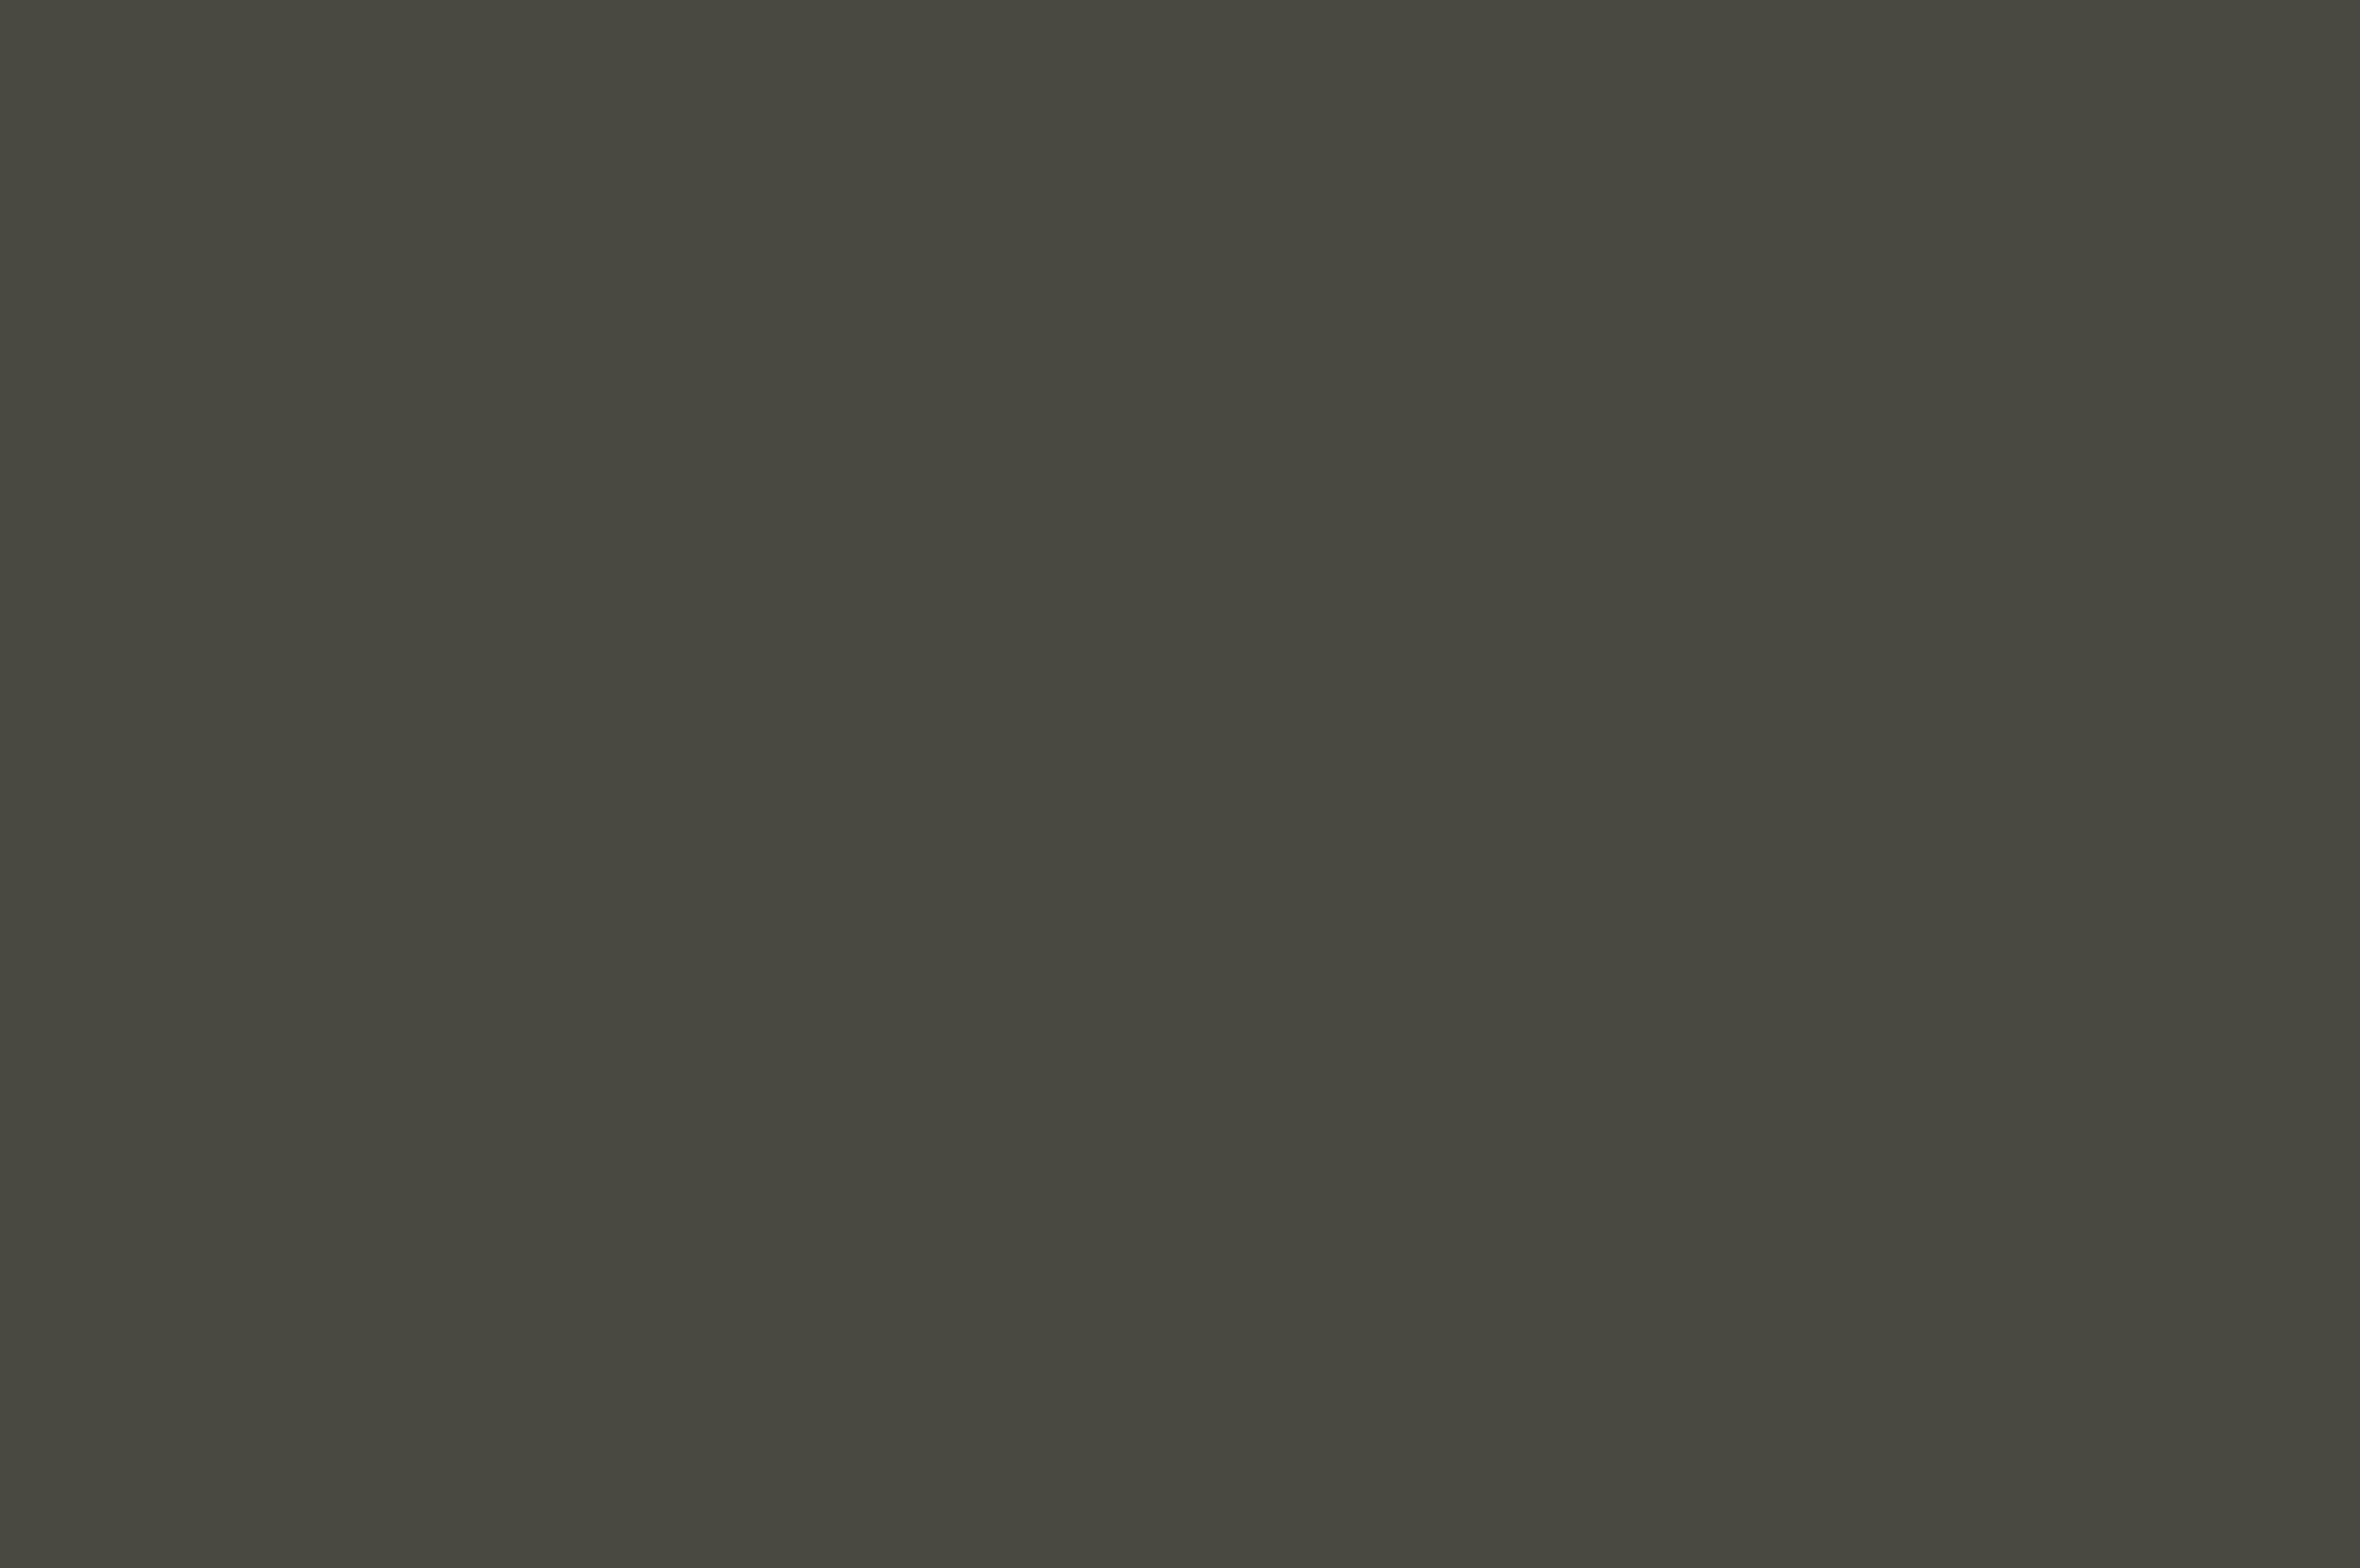 Marset hanglamp tam tam 6 versteeg lichtstudio - Kleur grijs zink ...